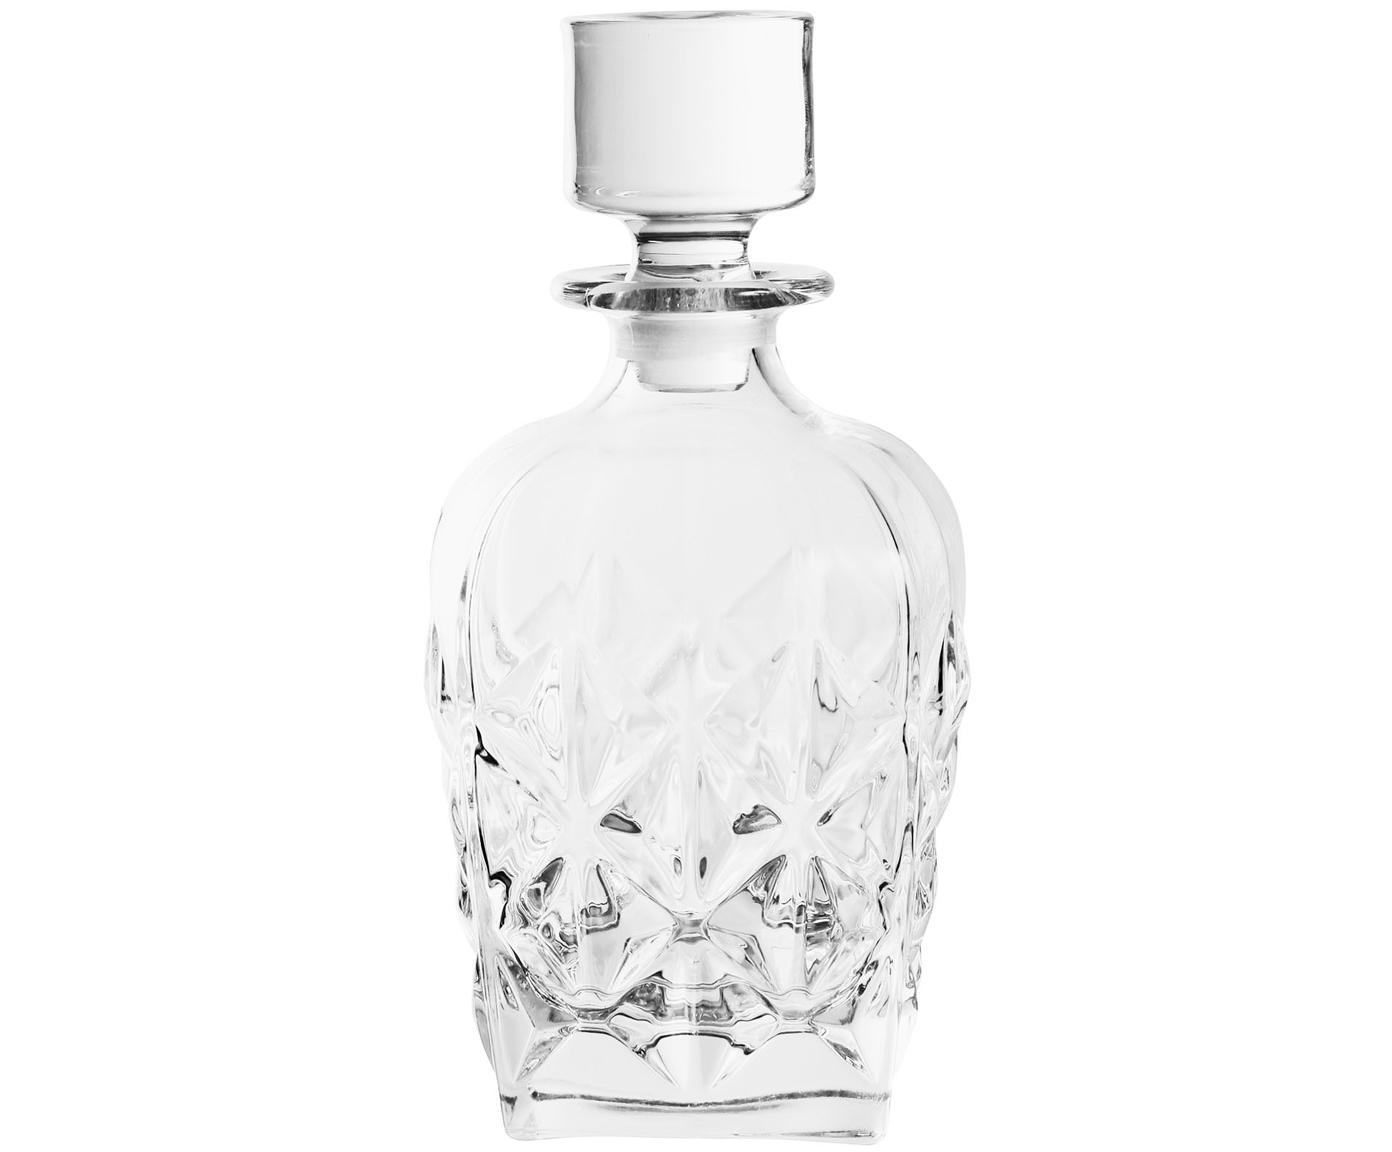 Kryształowa karafka Fine, Szkło kryształowe, Transparentny, W 17 cm